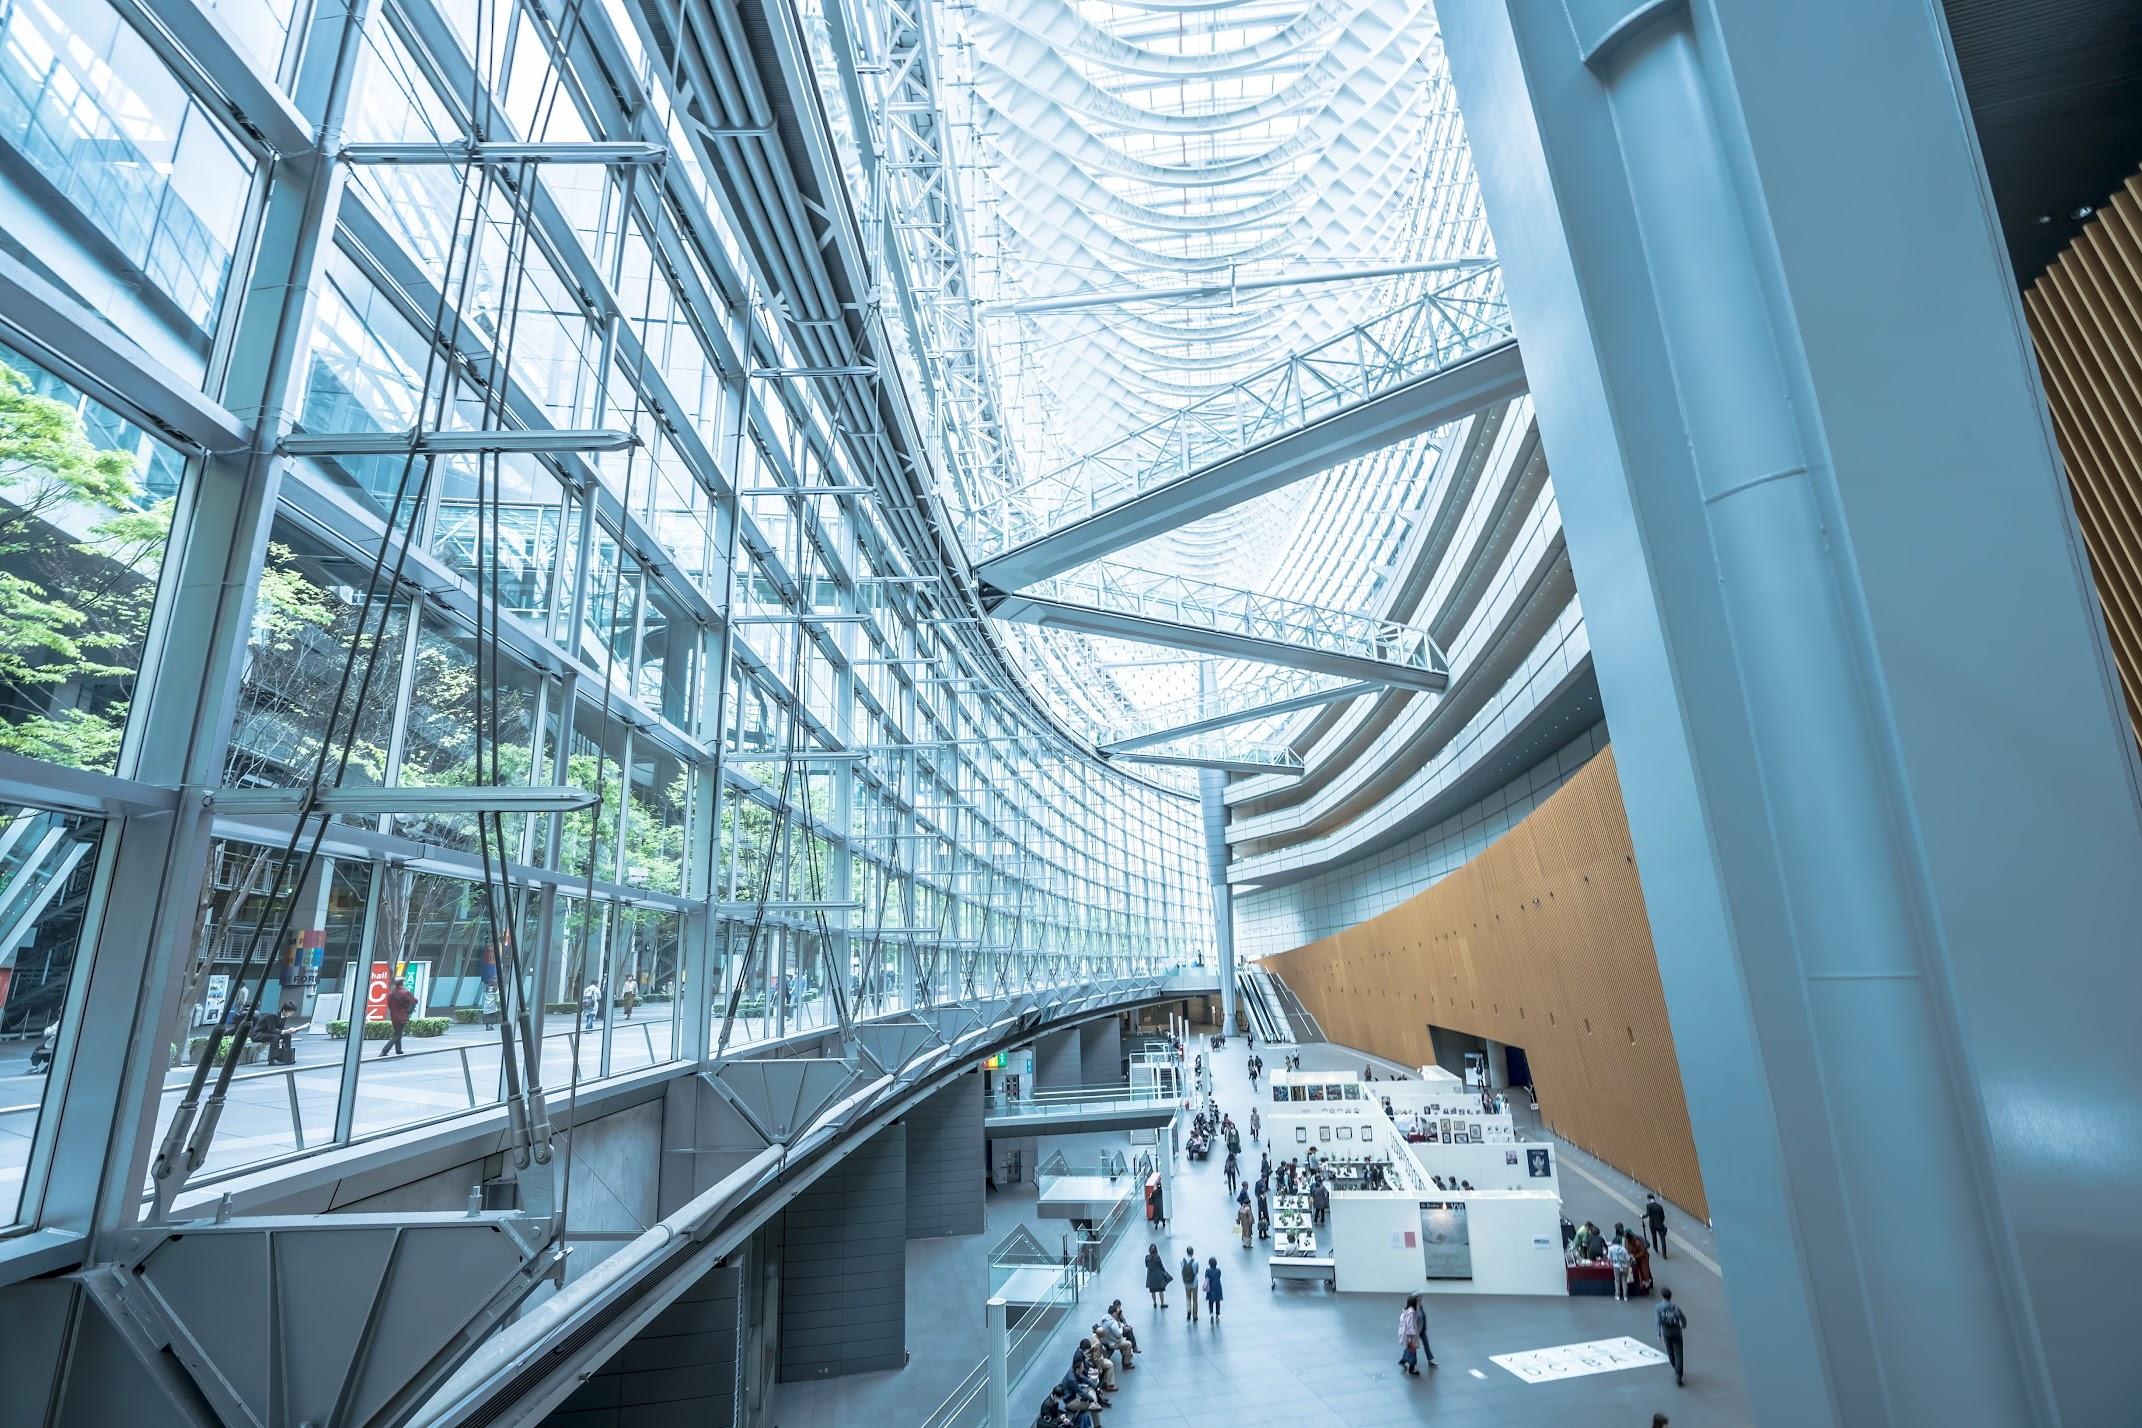 東京国際フォーラム 広角1